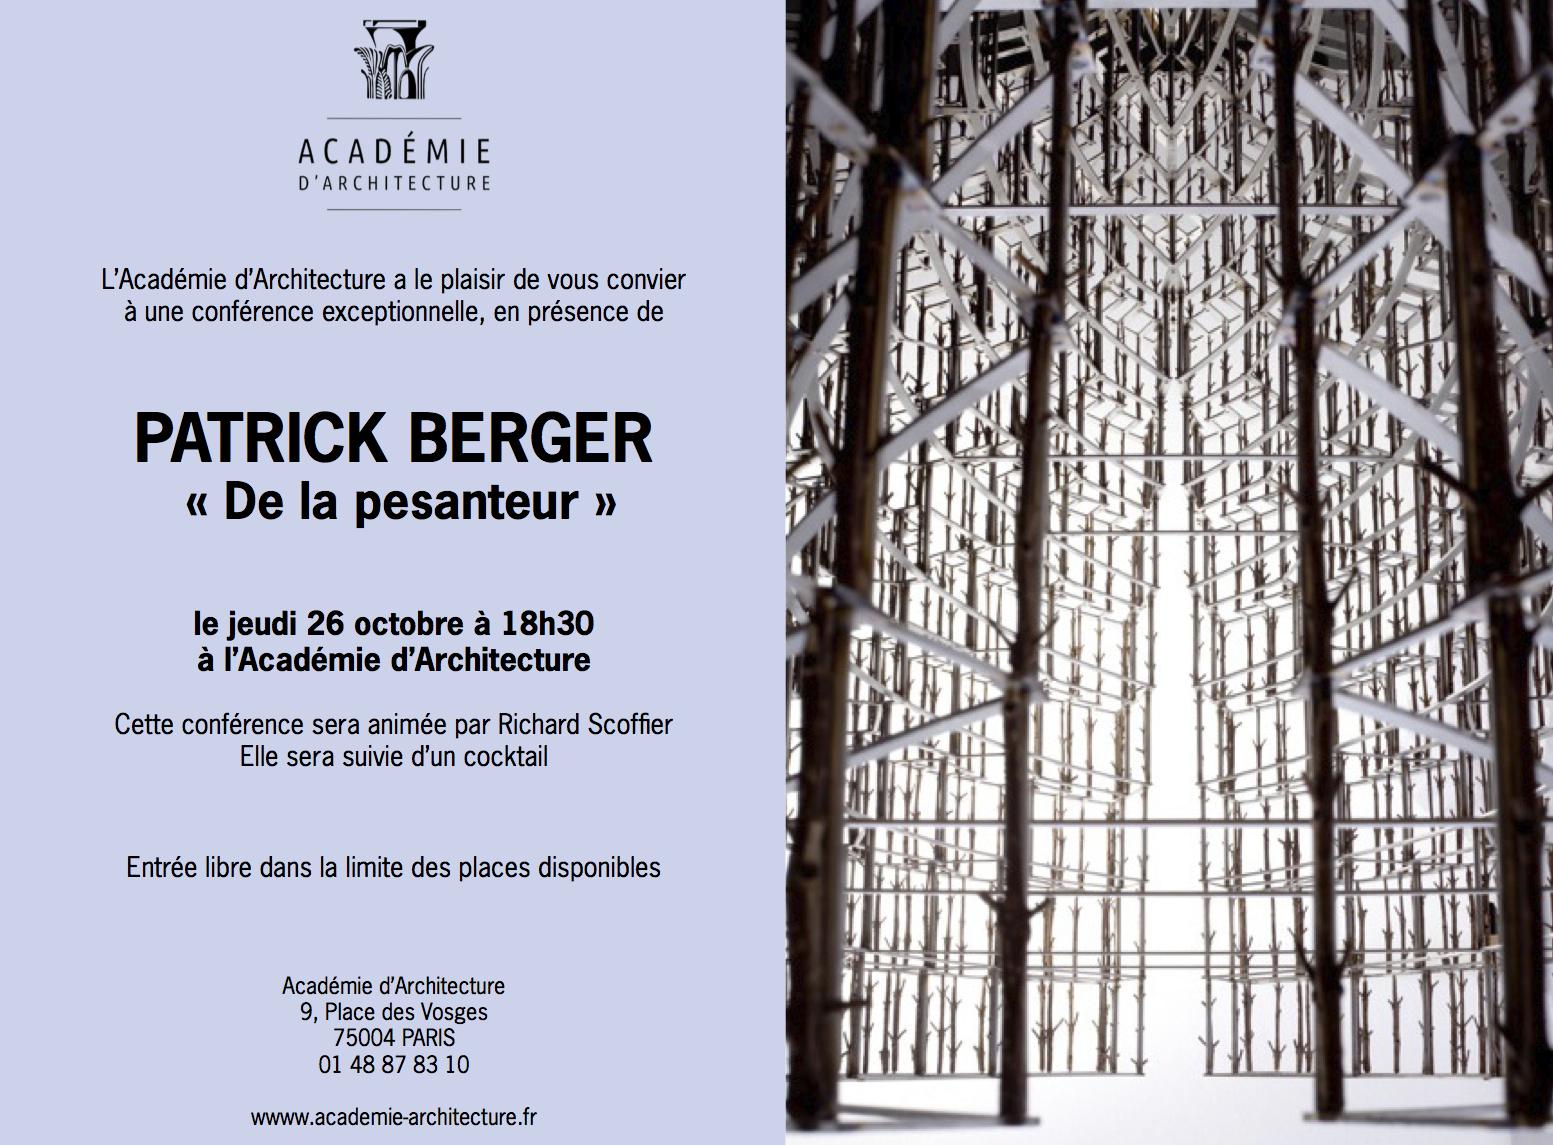 De la pesanteur conf rence de patrick berger jeudi 26 octobre 2 - Academie d architecture ...